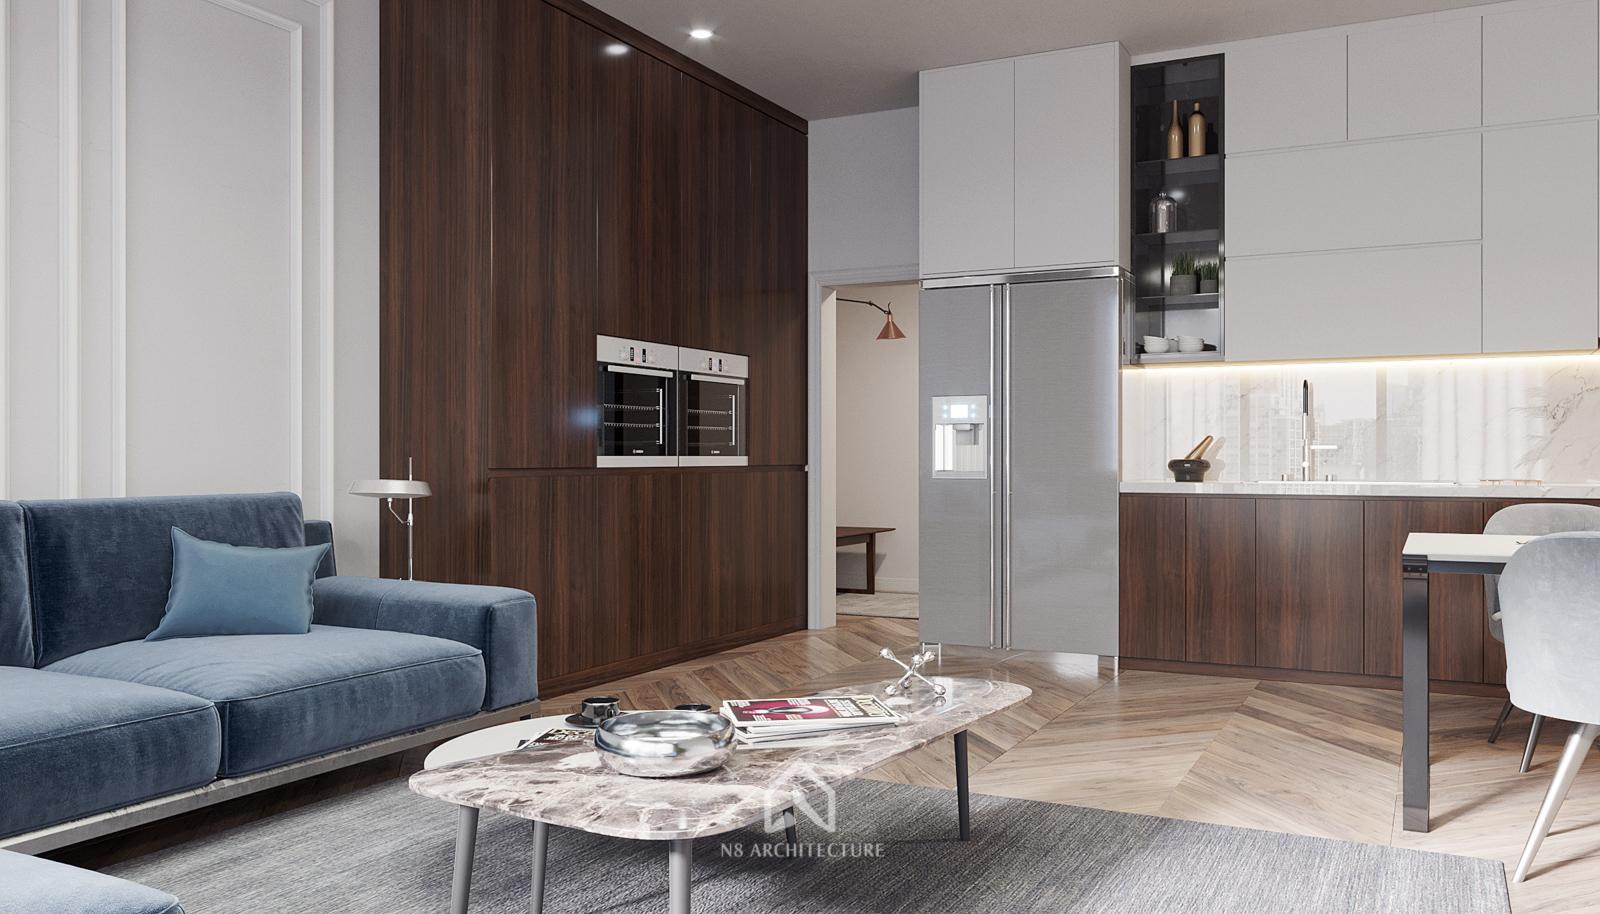 thiết kế nội thất phòng khách chung cư vinhomes metropolis 3